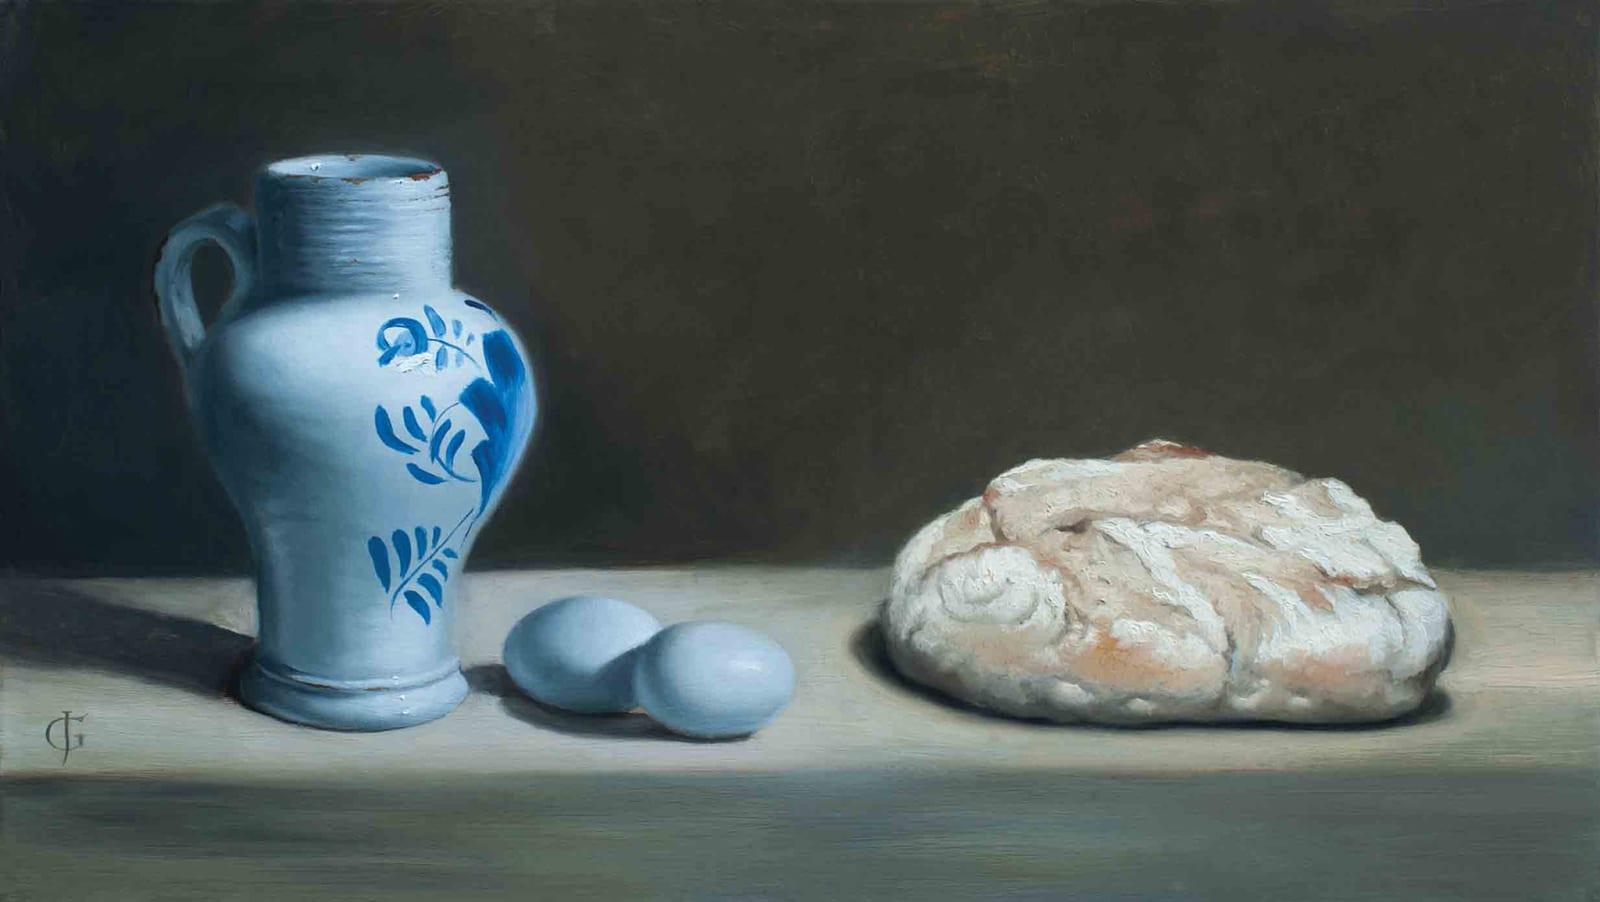 James Gillick, 18th-Century Delft Vase, Blue Eggs & Bread